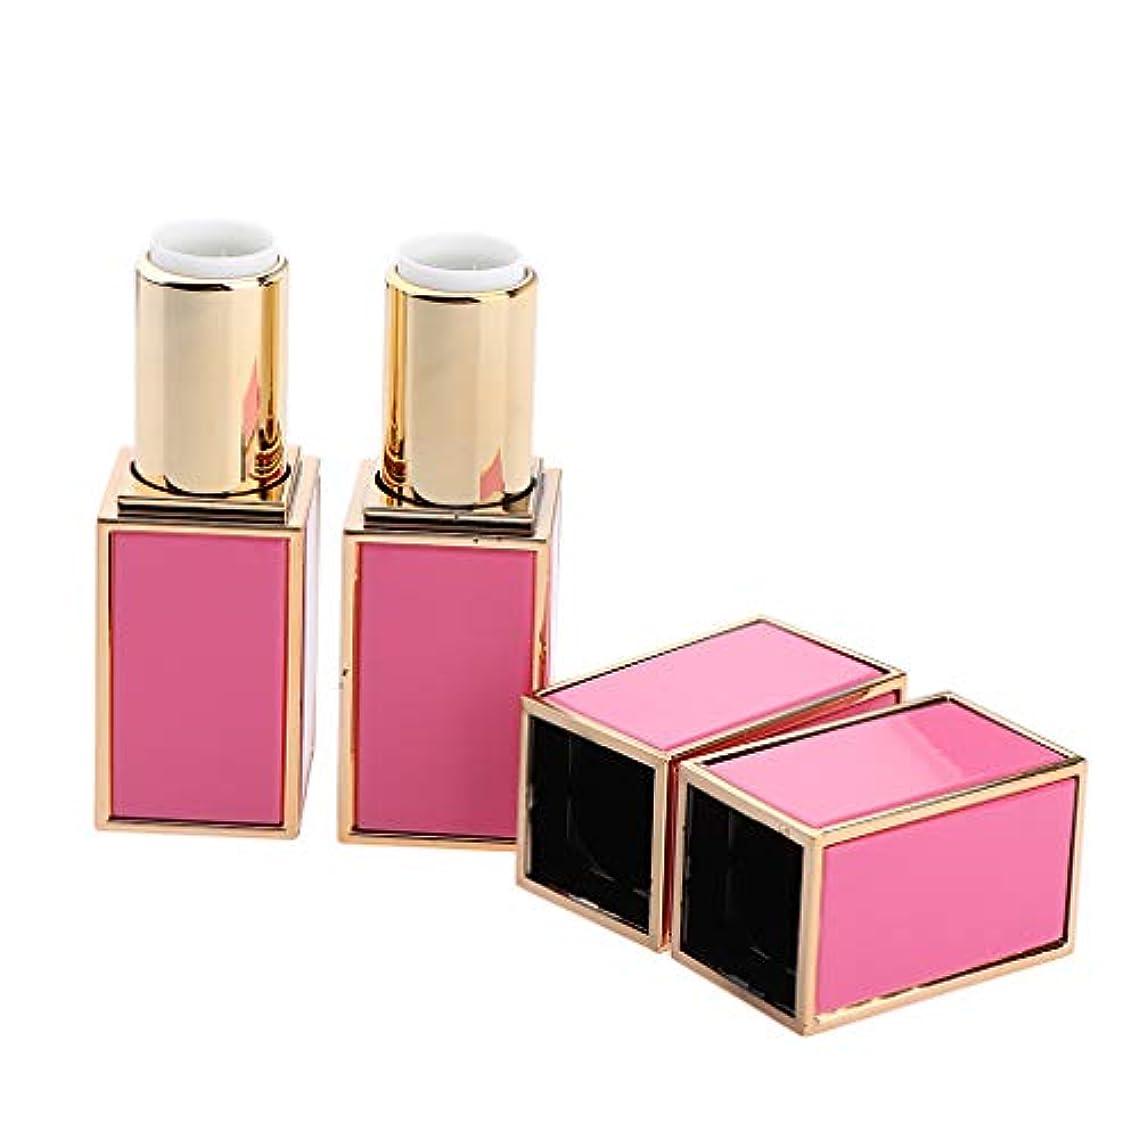 金銭的二次国家ポータブル 空 エンドグレードグレード 口紅チューブ 固体香水 詰め替え式 2色選べ - ピンク